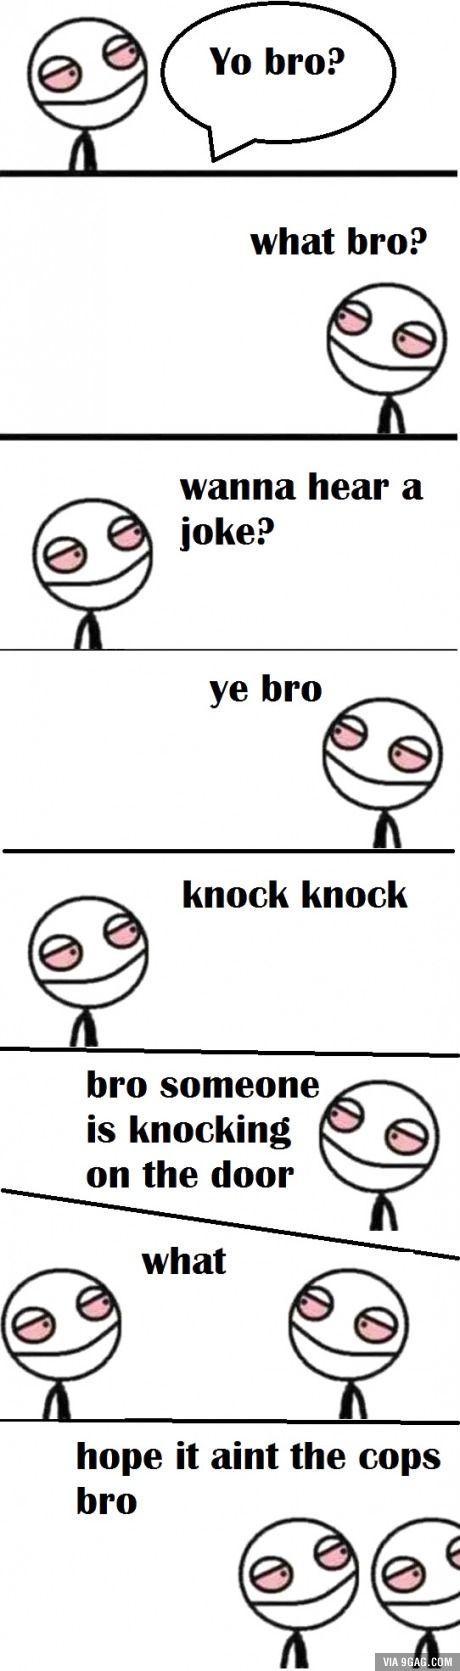 Wanna hear a joke bro?